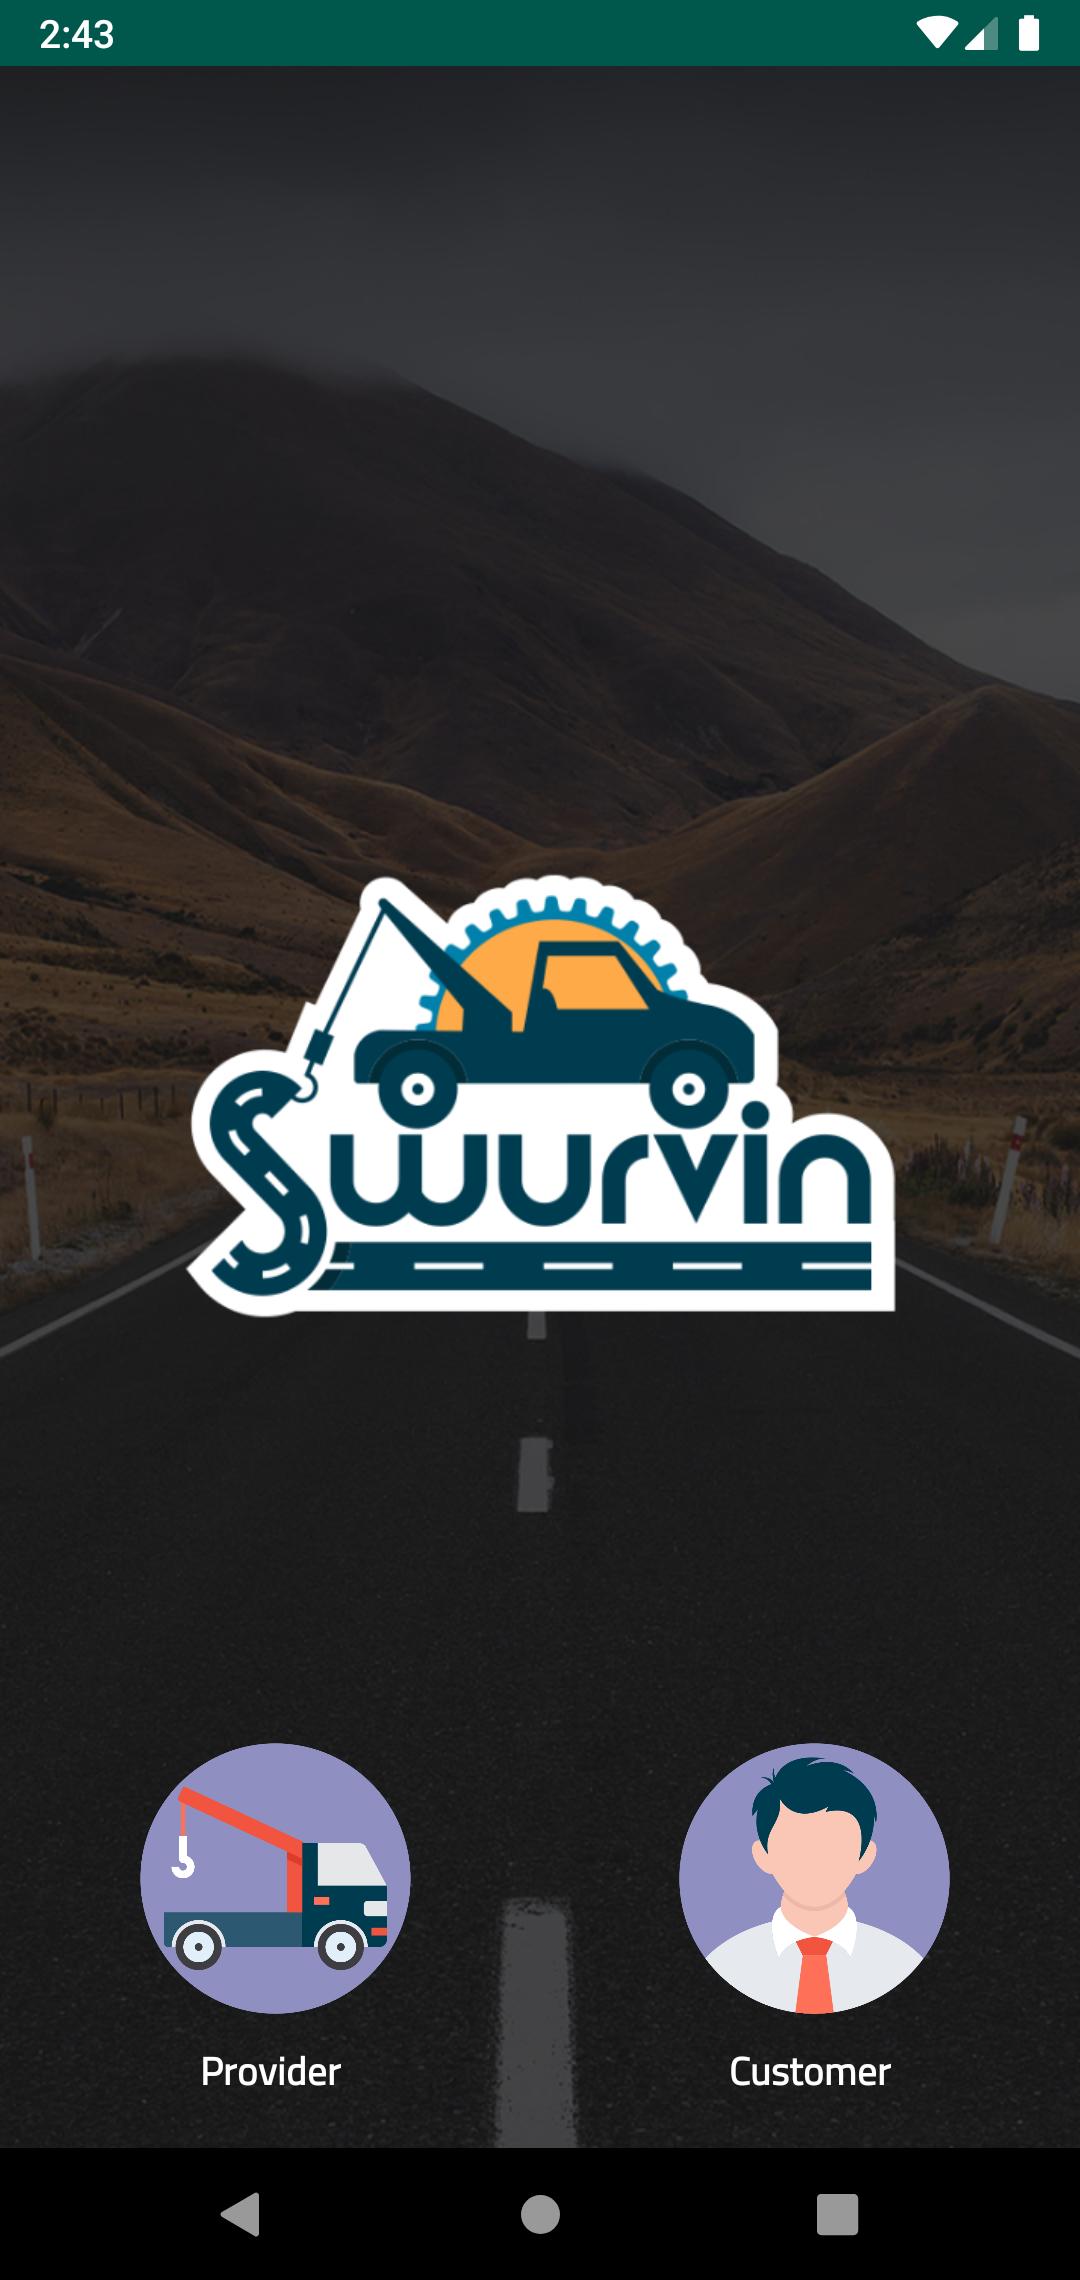 Swurvin